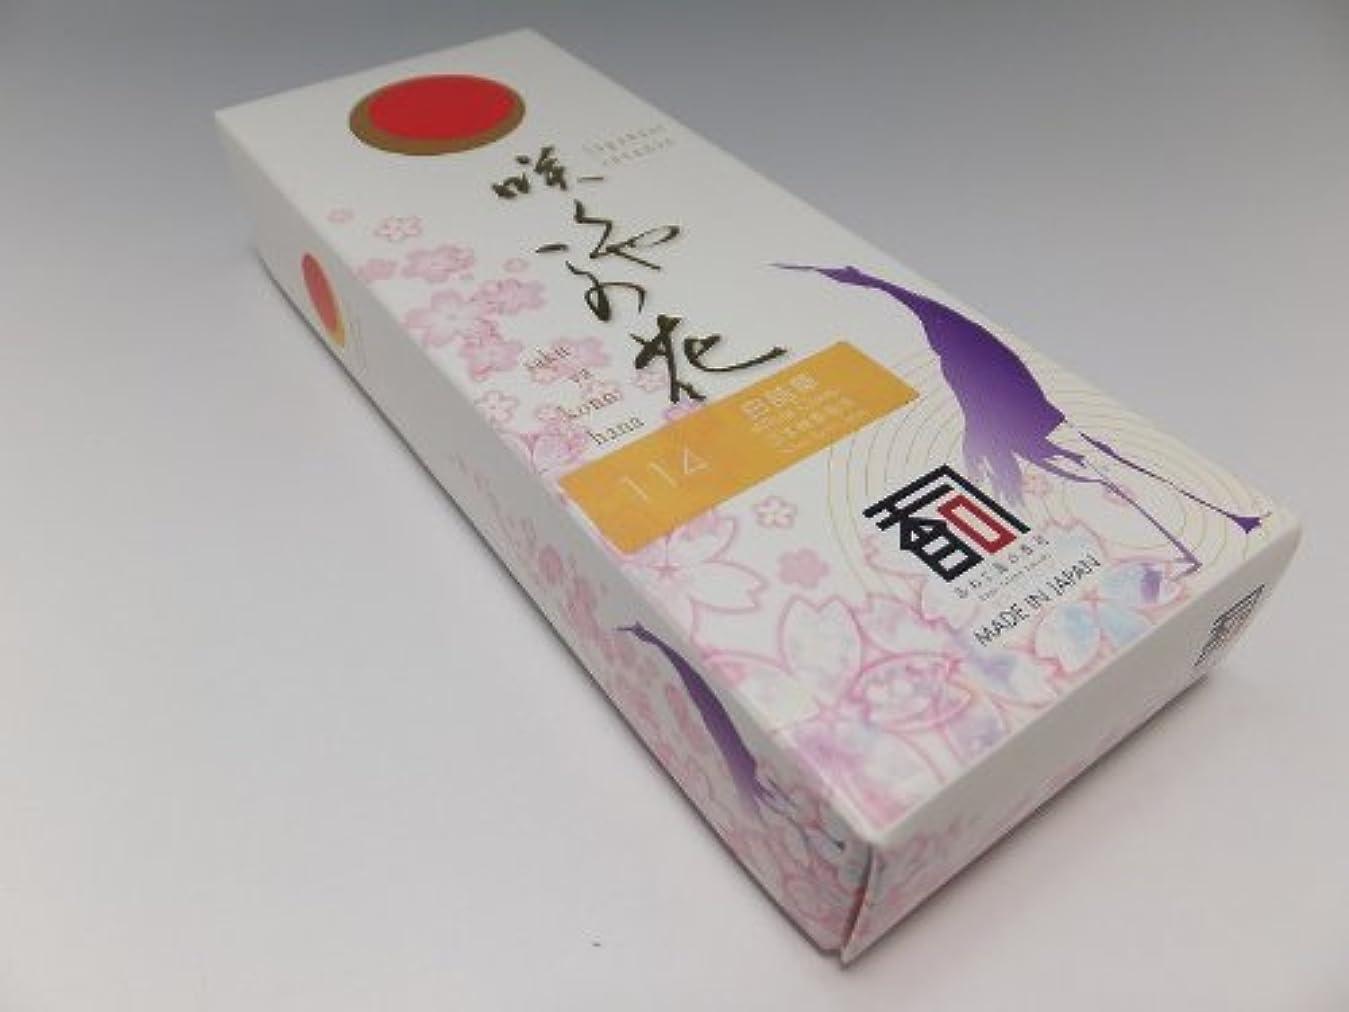 ビザチーズ高架「あわじ島の香司」 日本の香りシリーズ  [咲くや この花] 【114】 白詰草 (有煙)